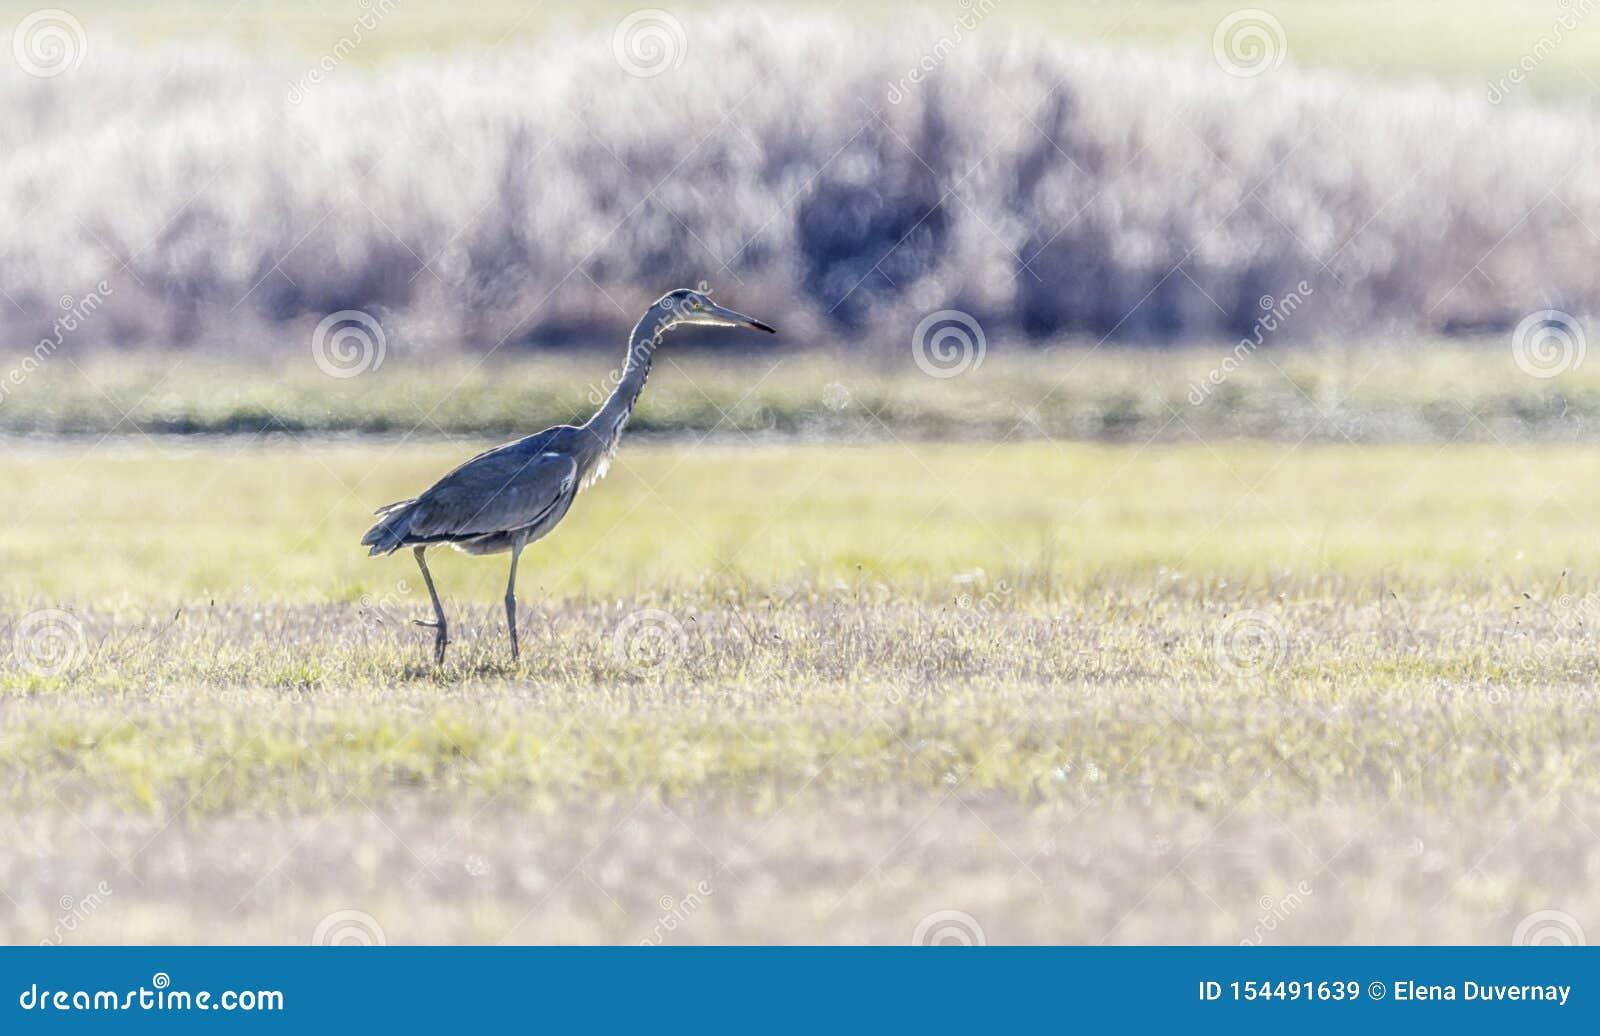 Grey heron, Ardea cinerea, walking in a meadow, Geneva, Switzerland